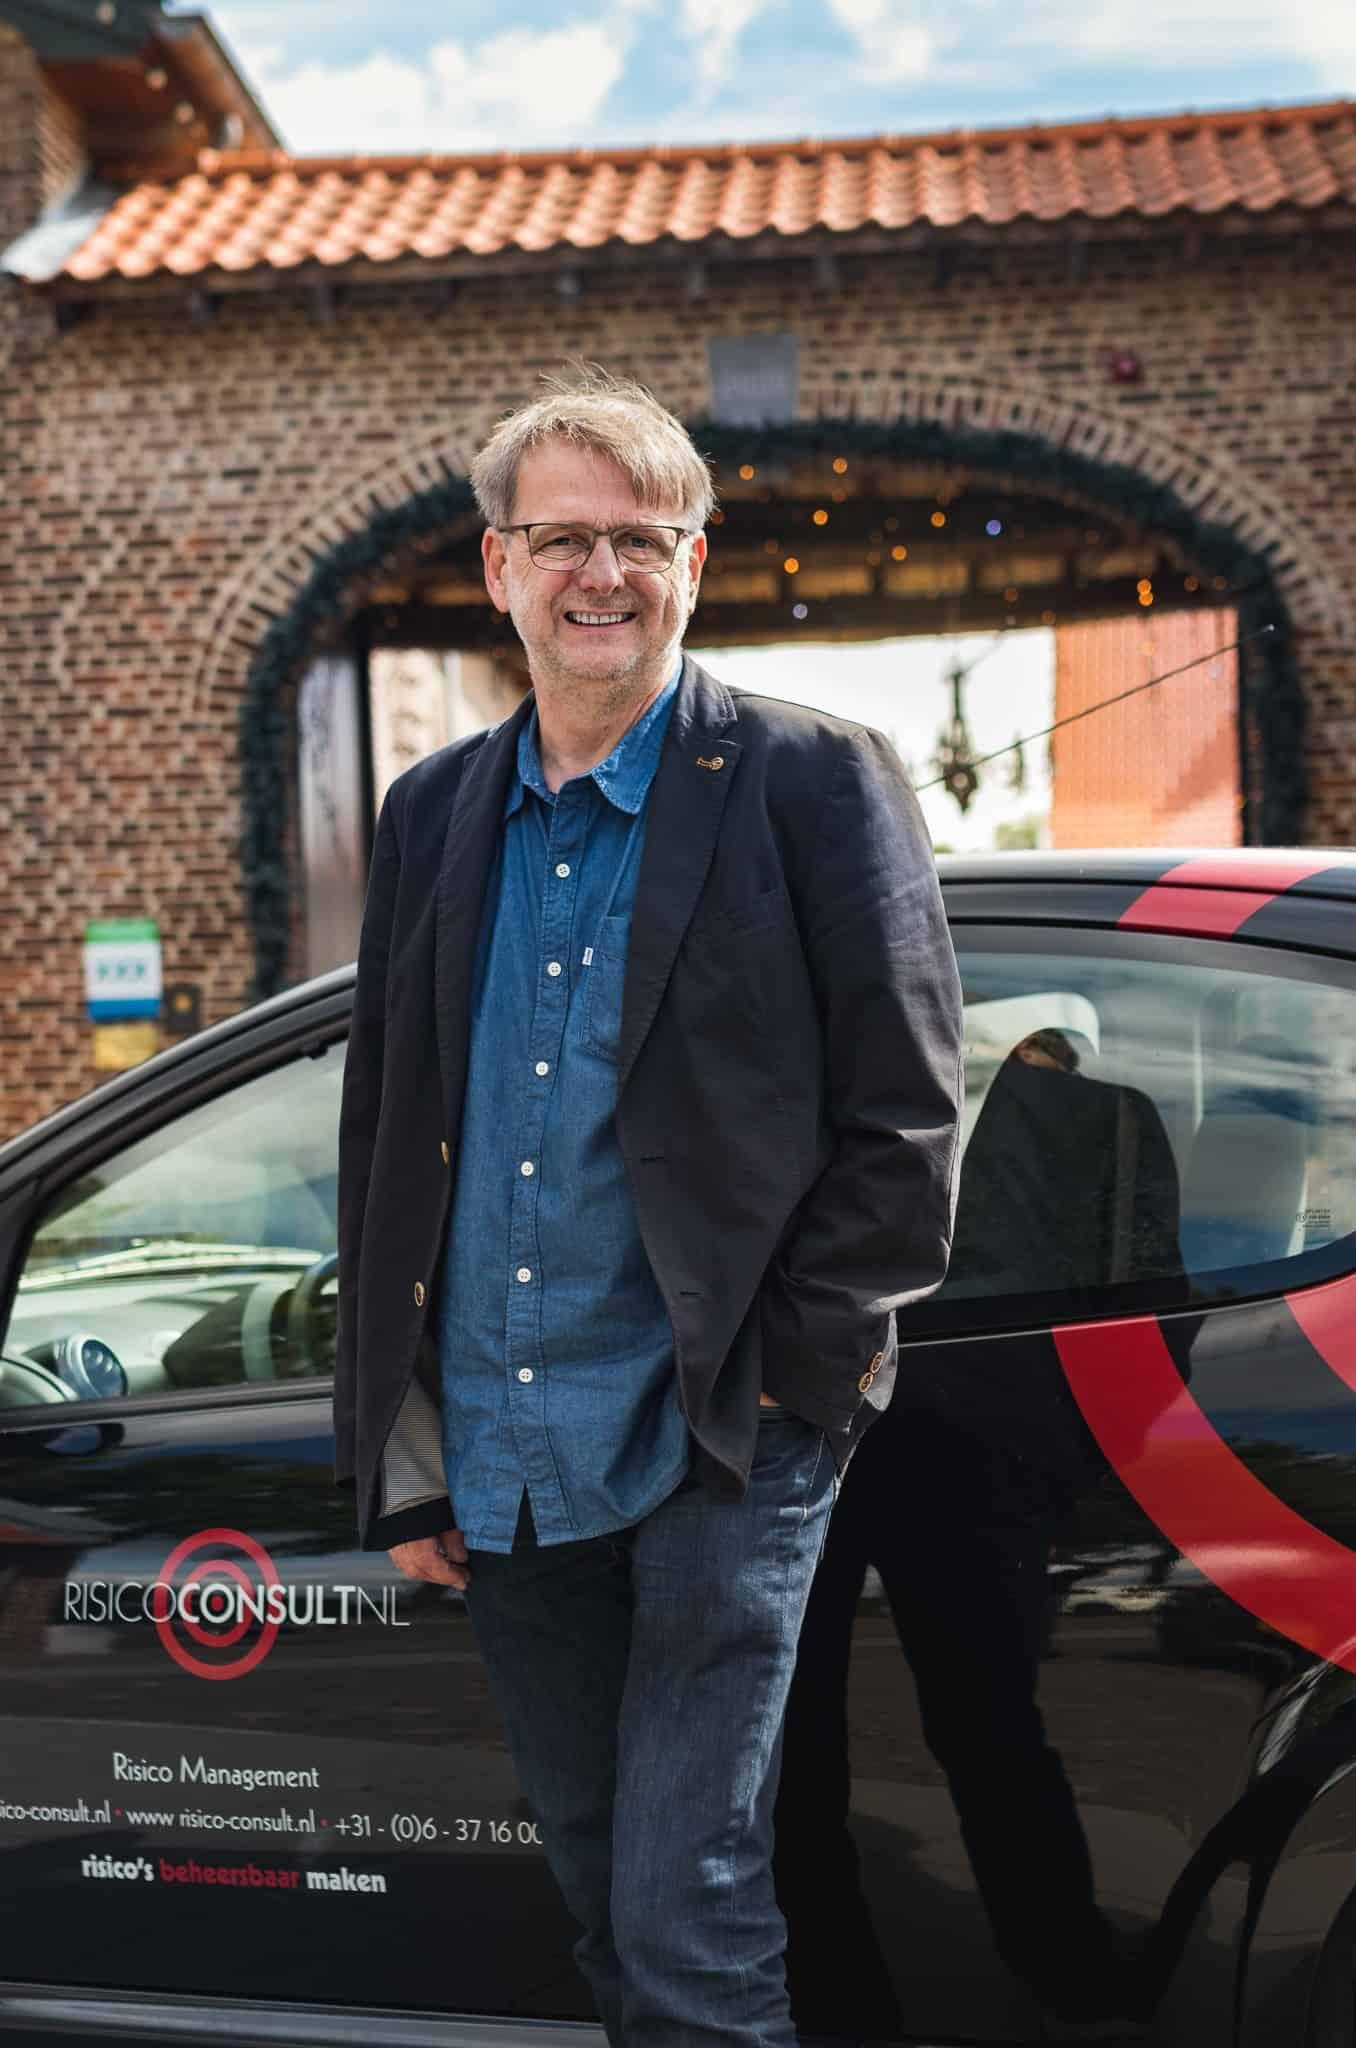 Risico Consult | Adviseur uit Limburg voor ARBO